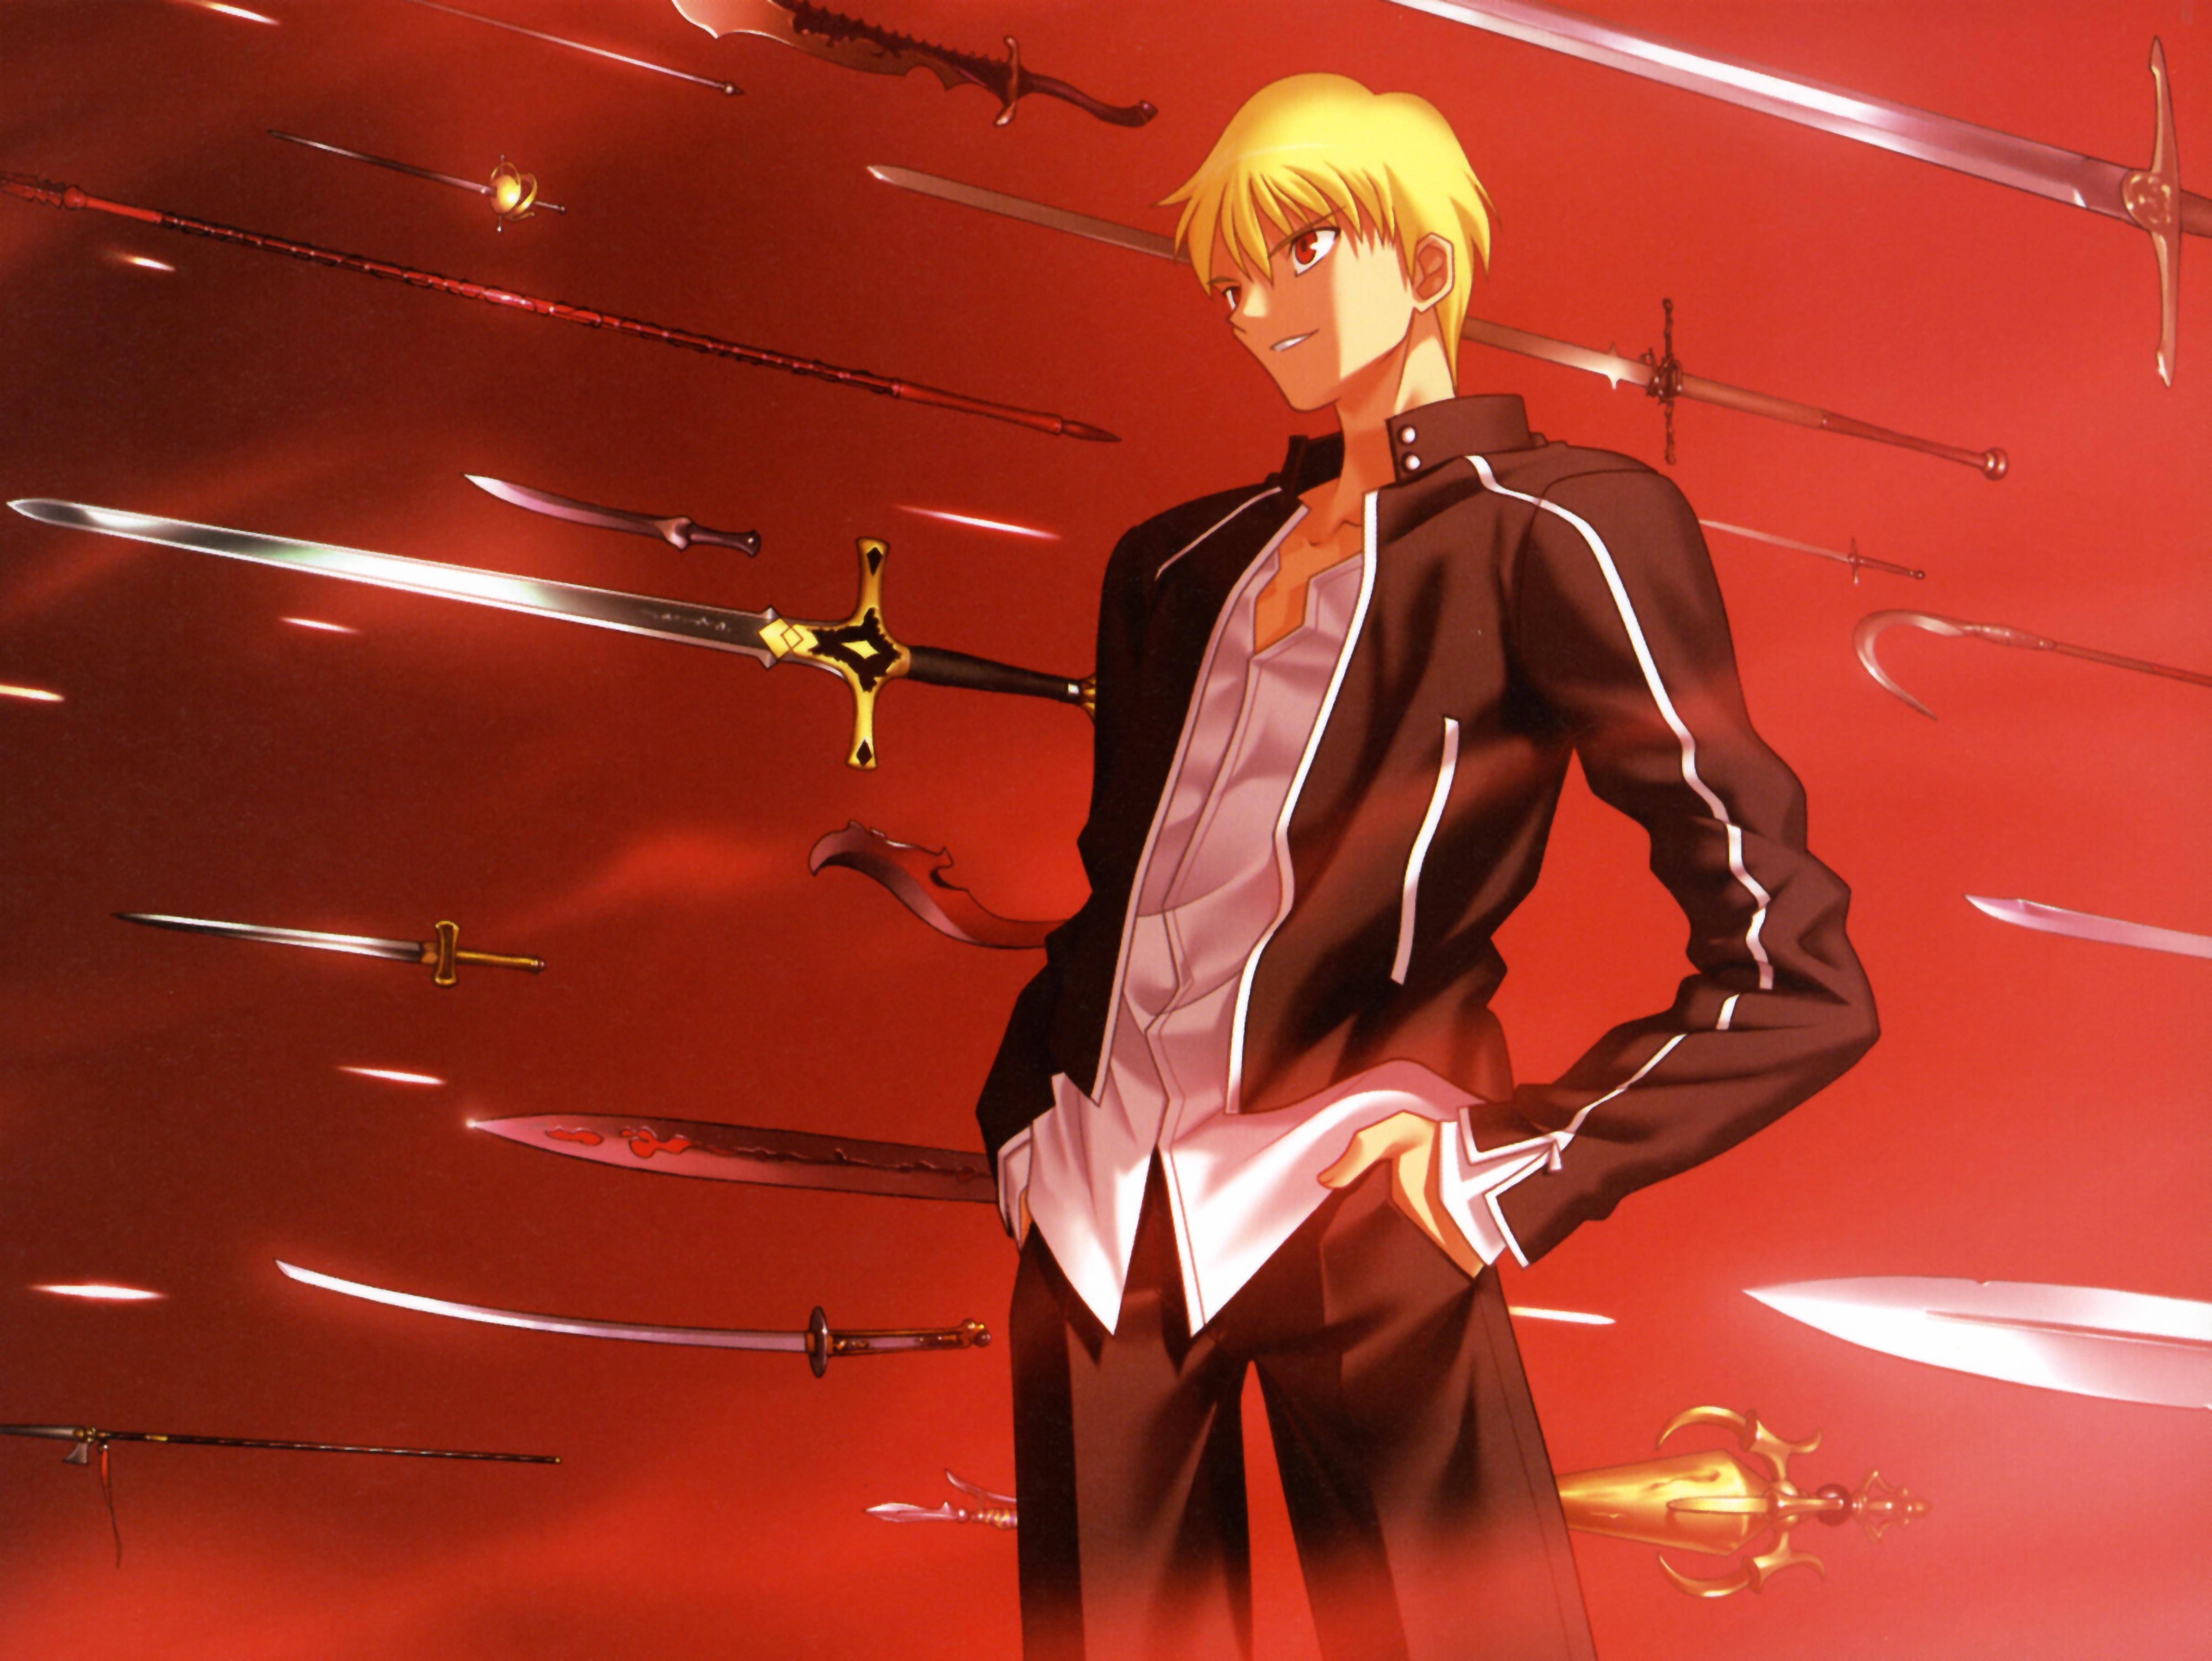 Fate/stay night: FSN Gilgamesh 03 - Minitokyo